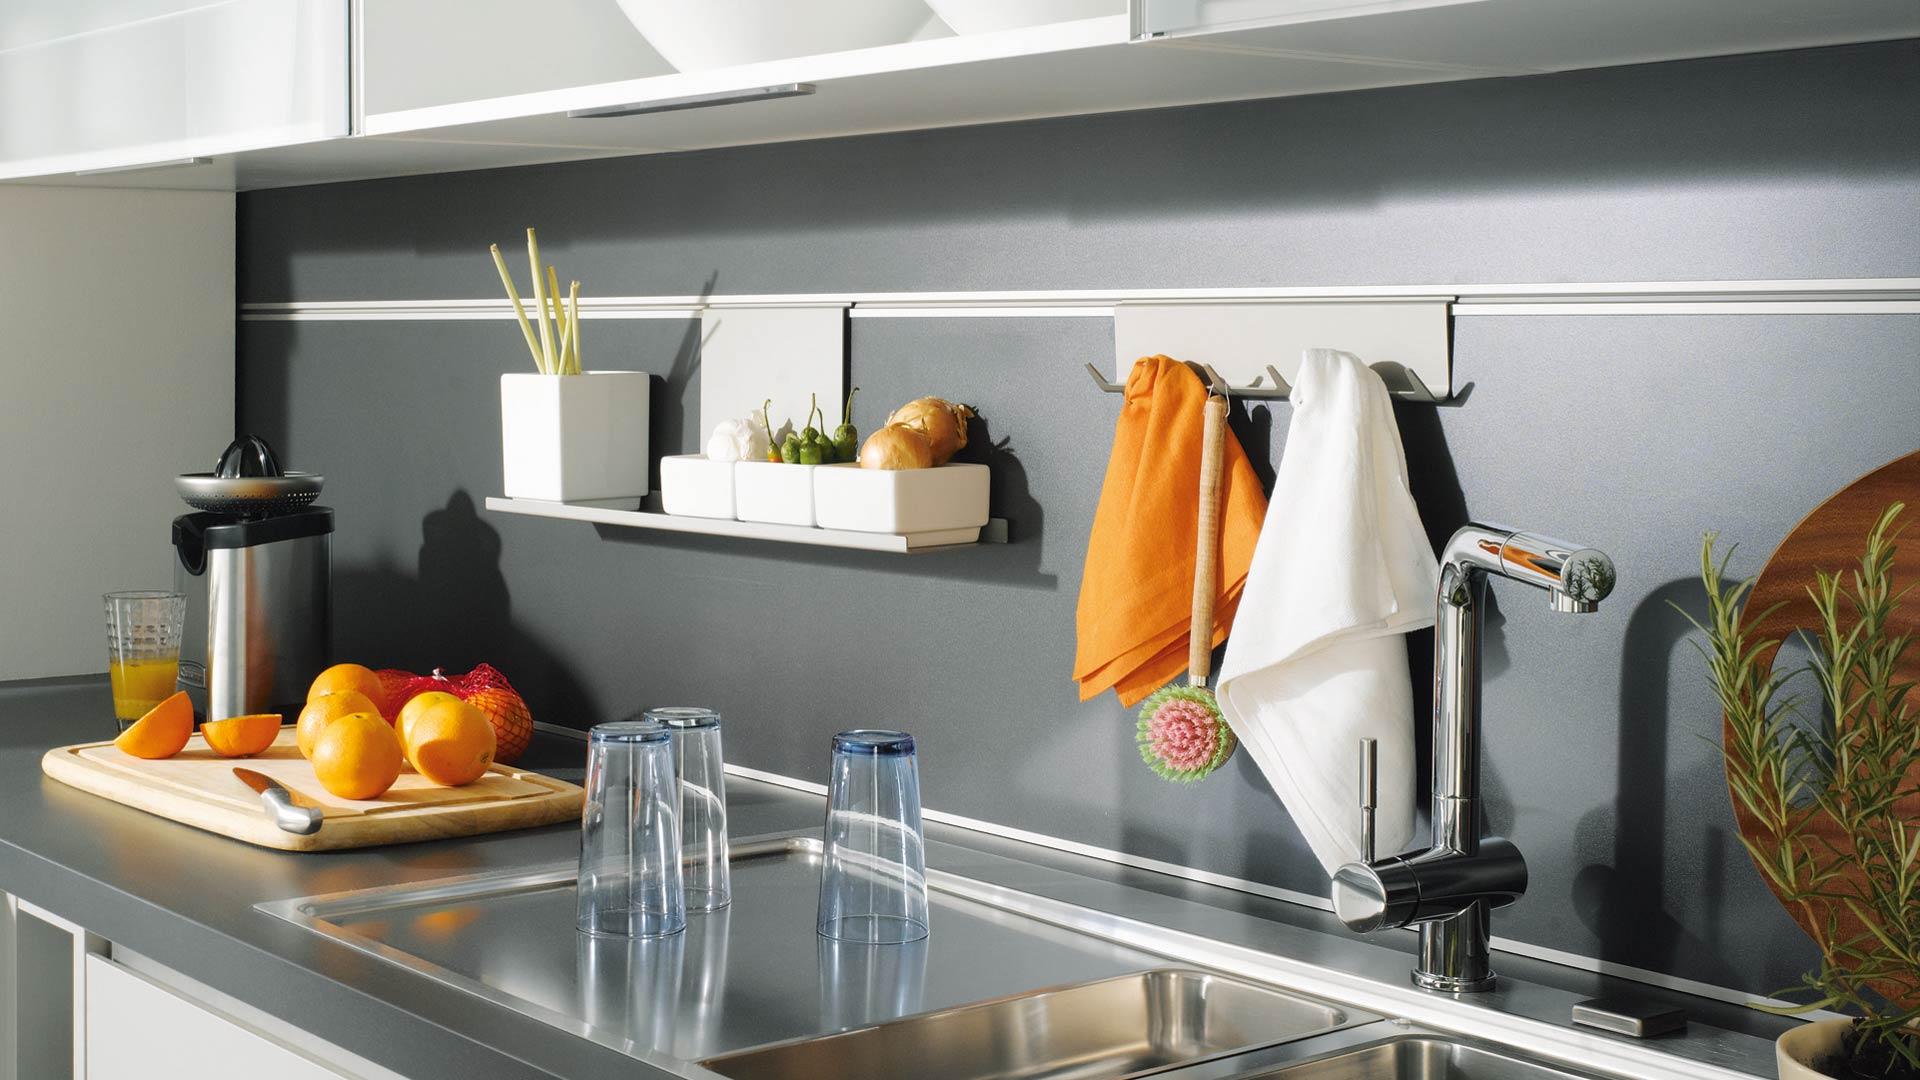 nobilia nischenr ckwand tische f r die k che. Black Bedroom Furniture Sets. Home Design Ideas